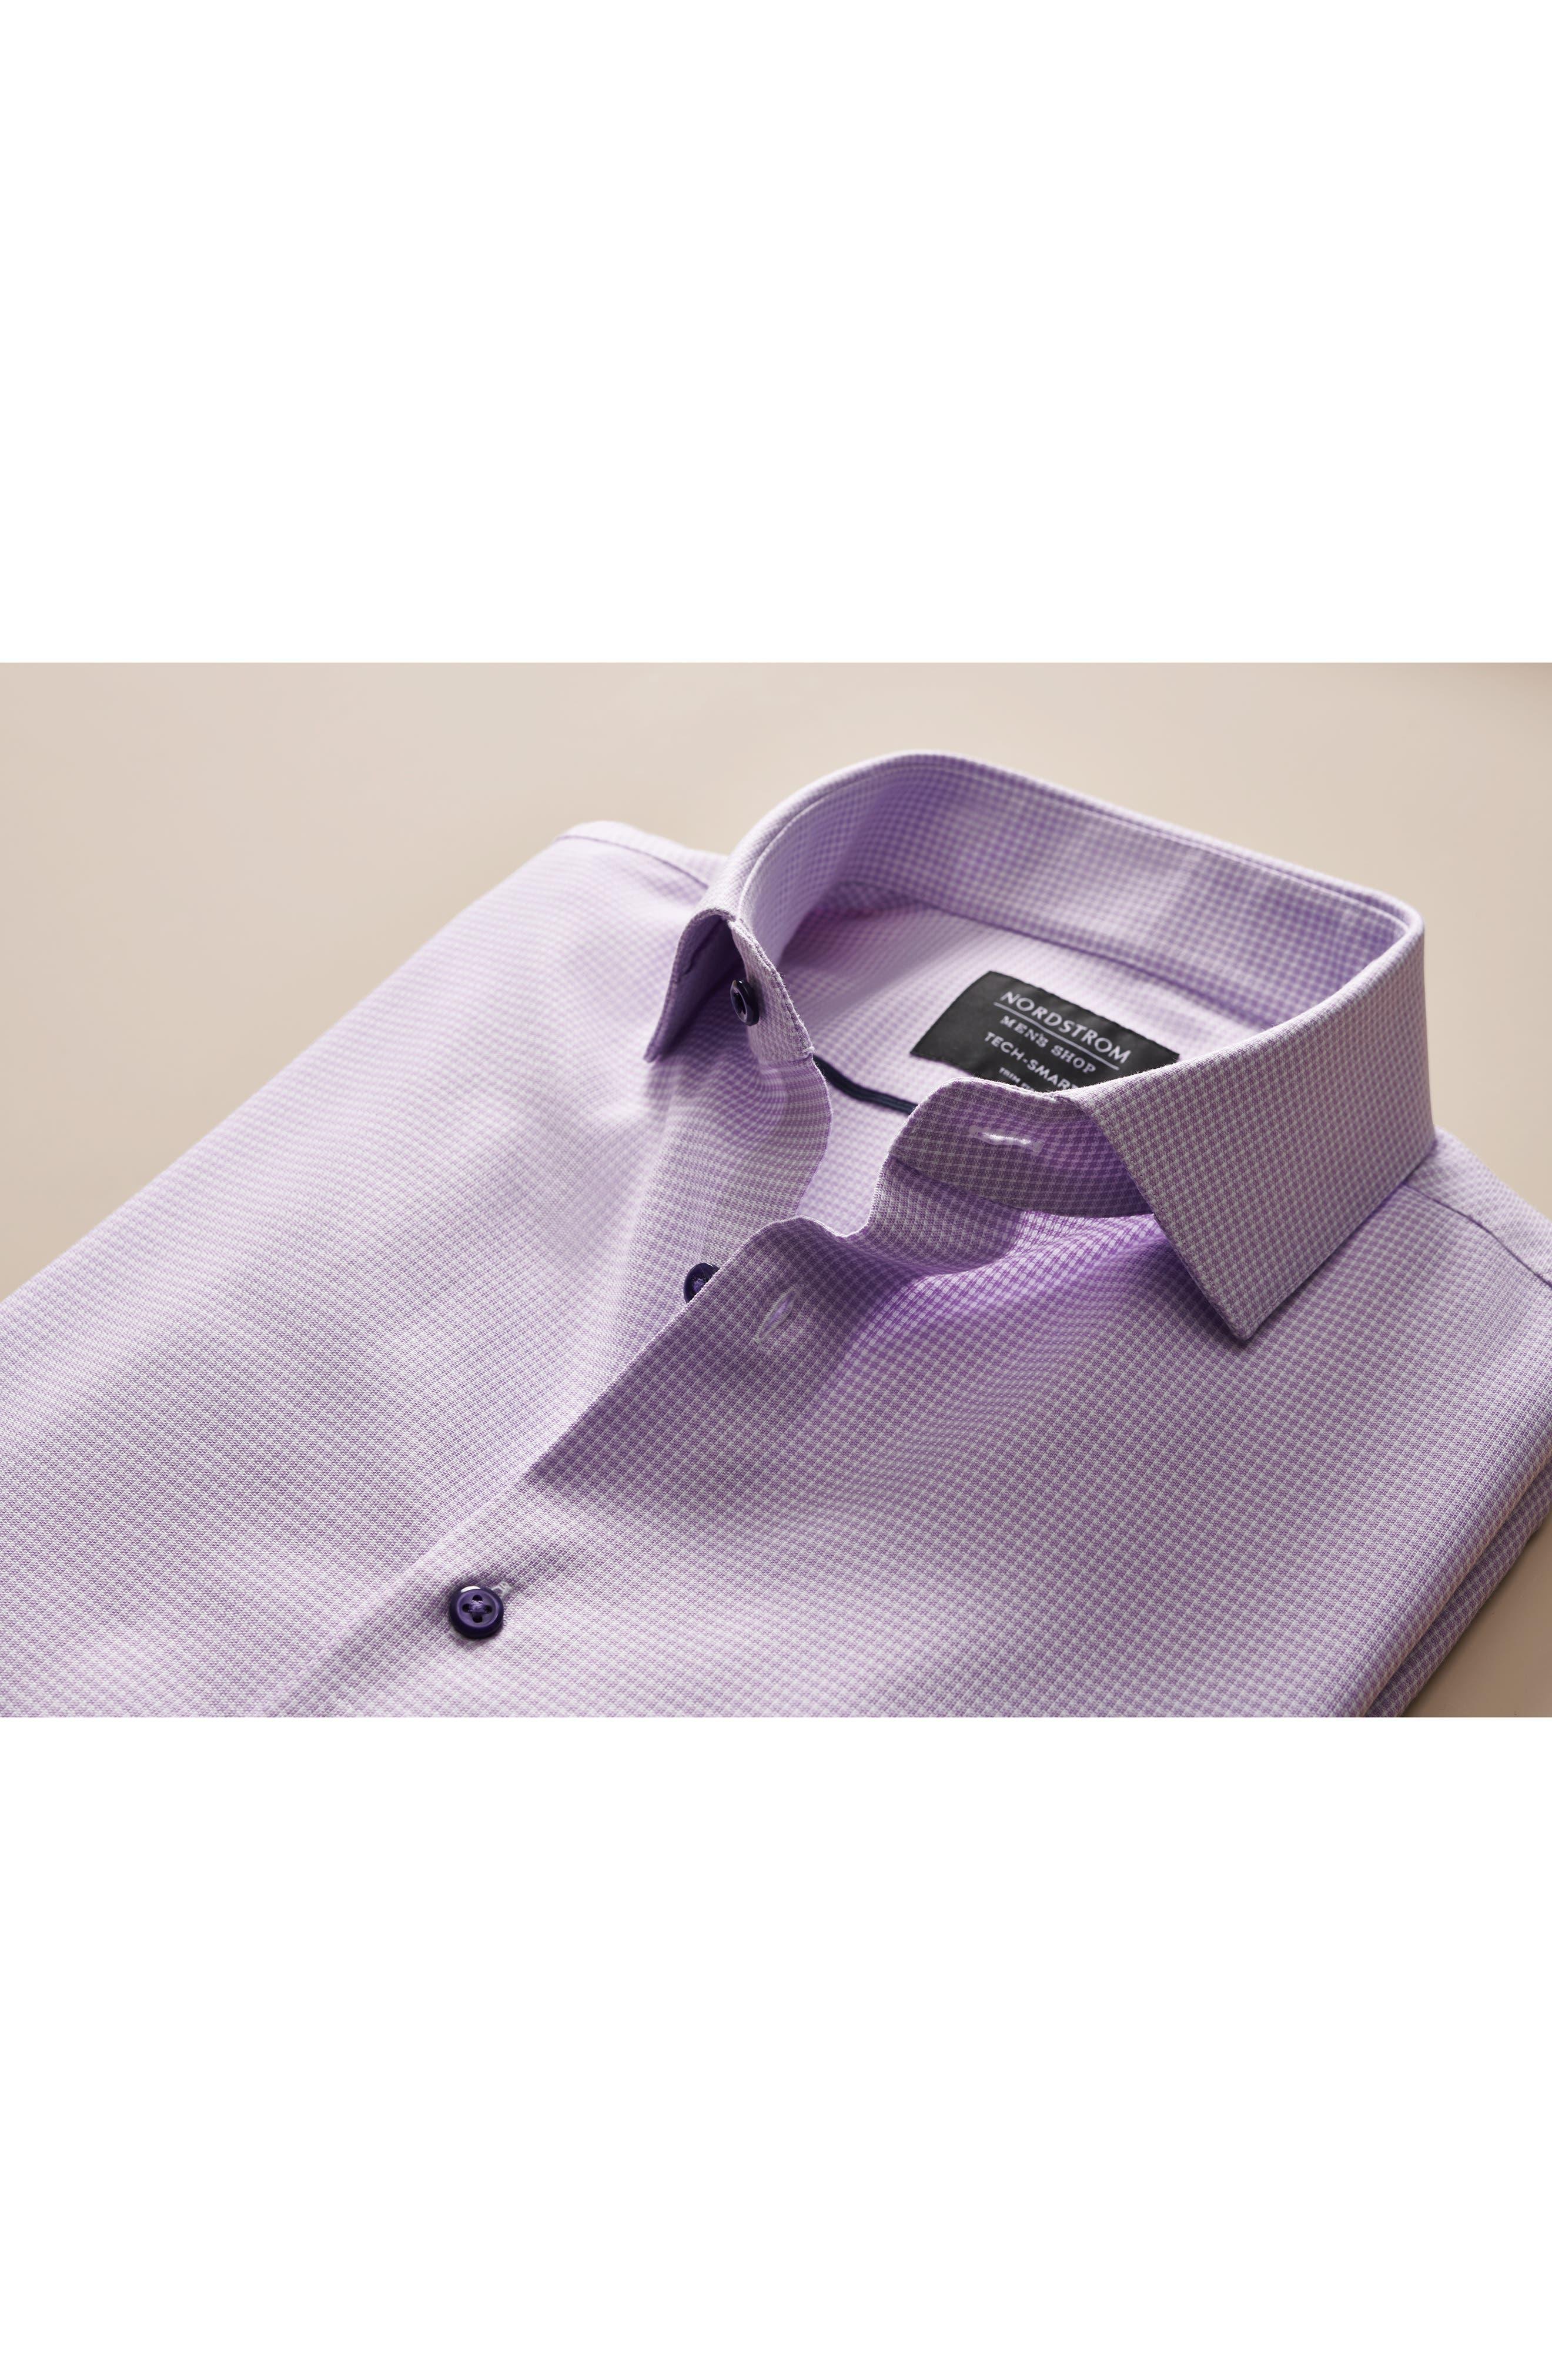 Tech-Smart Trim Fit Stretch Texture Dress Shirt,                             Alternate thumbnail 9, color,                             WHITE